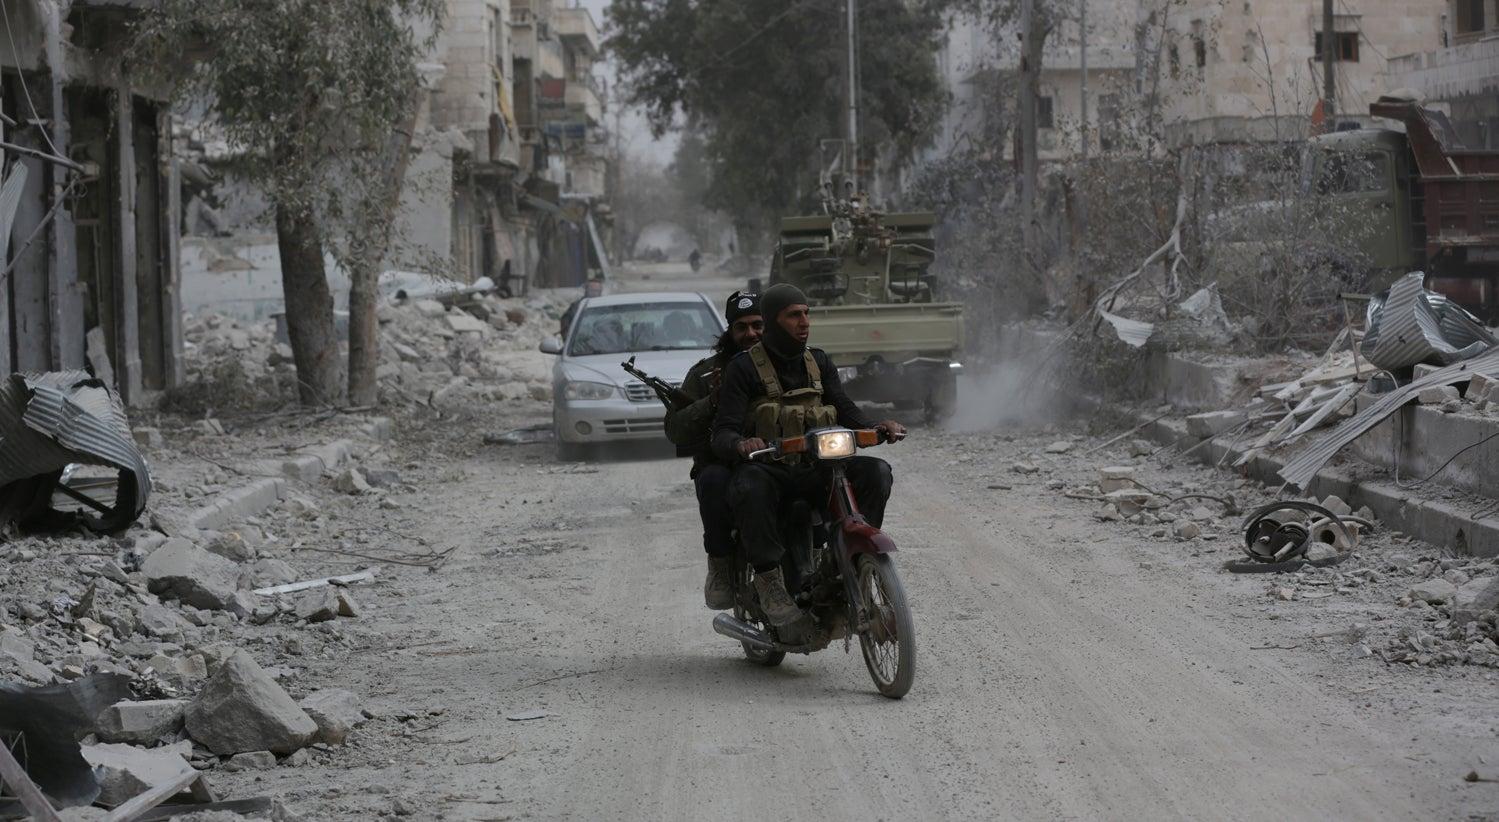 LafargeHolcim admite financiamento a grupos armados na Síria